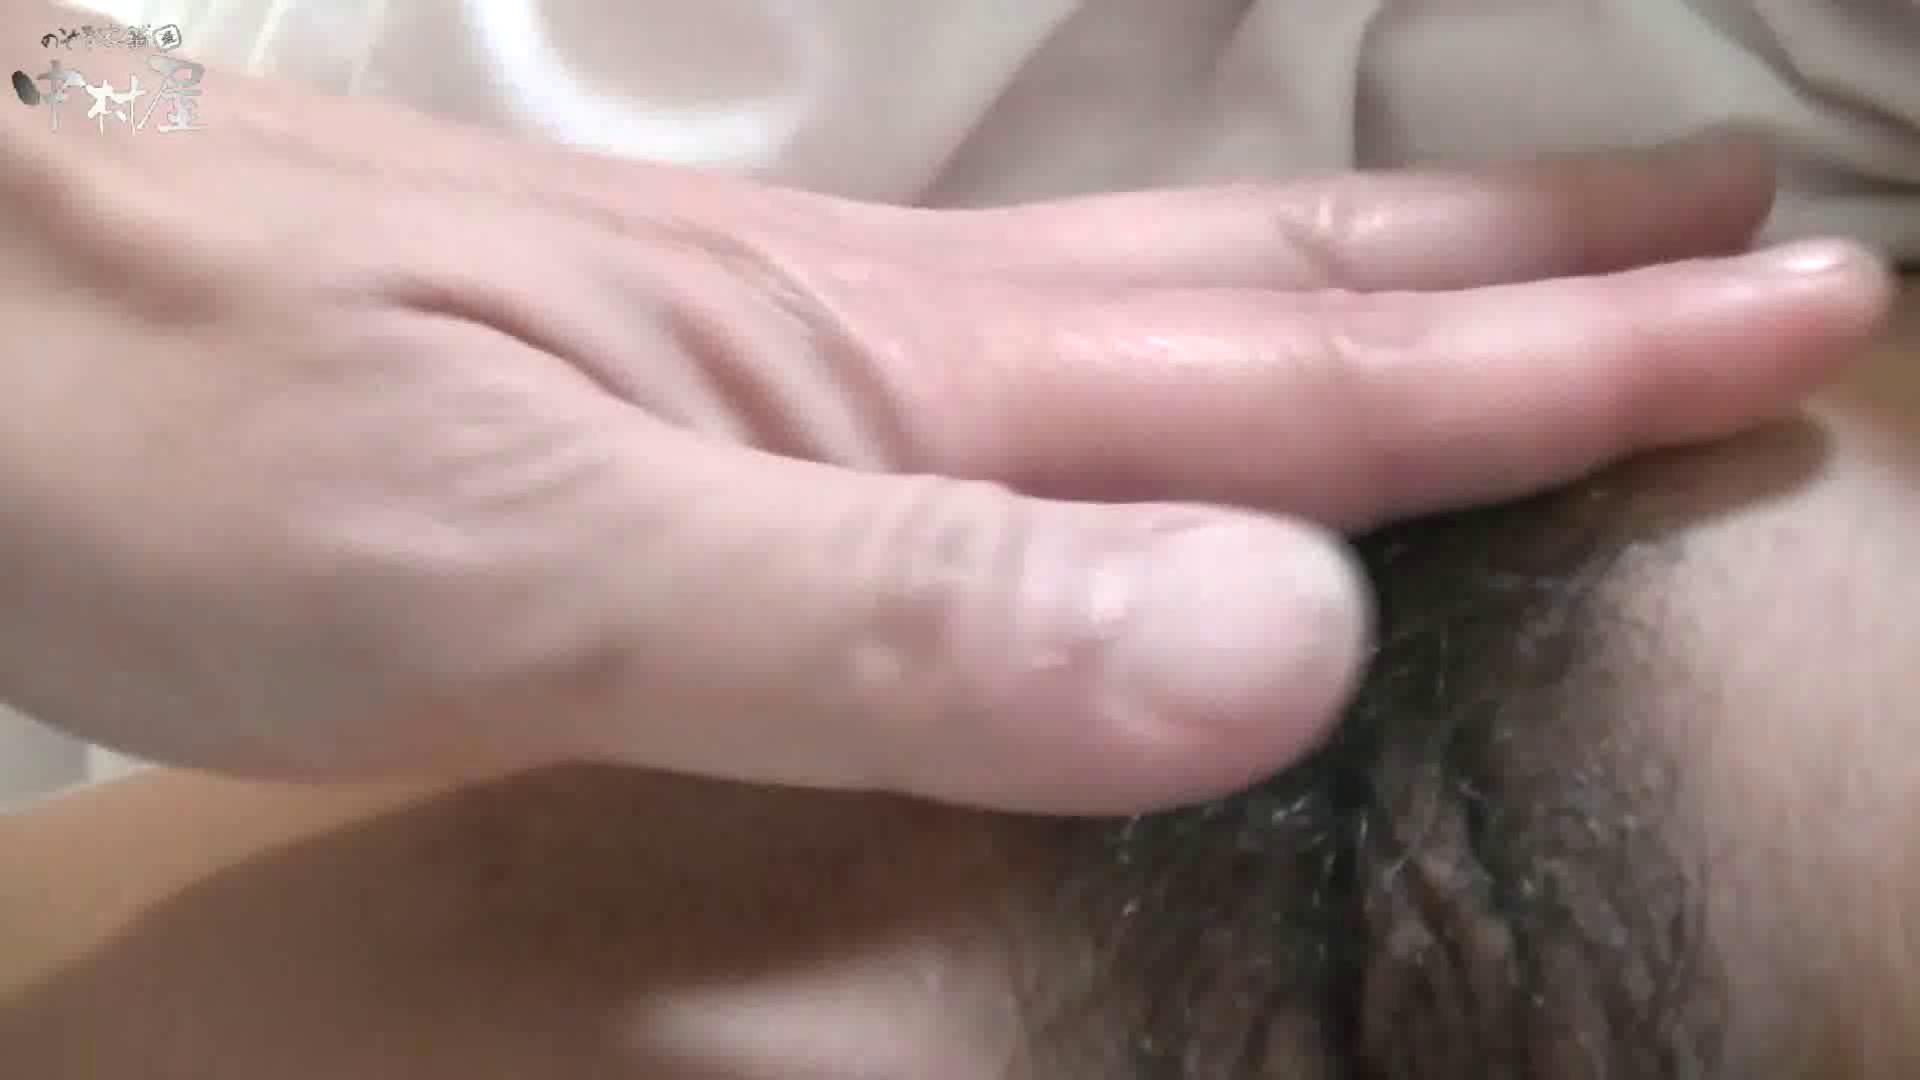 ネムリ姫 vol.40 後編 OLエロ画像 盗撮ワレメ無修正動画無料 91PICs 74